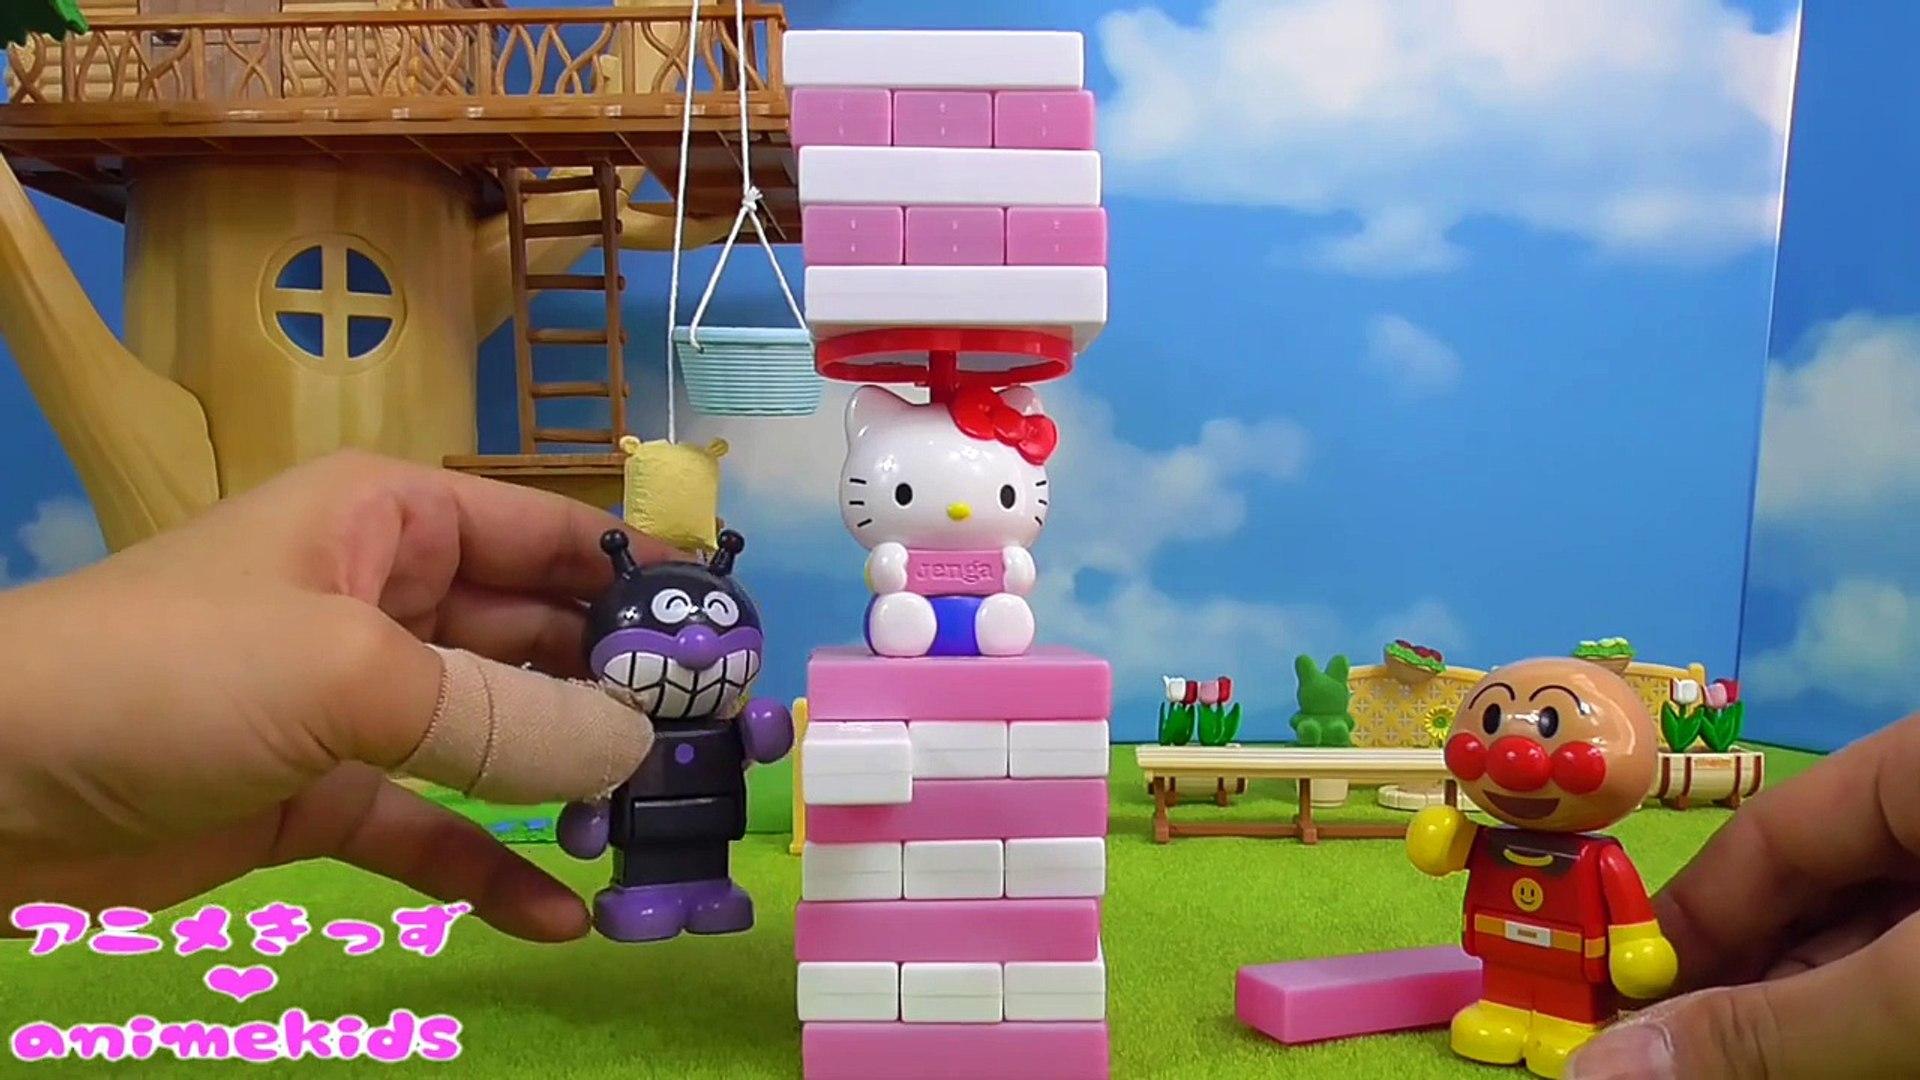 アンパンマン おもちゃ[A-N-M] キティちゃん ジェンガ で対決だよ‼ [A-N-M]kids [A-N-M]きっず [A-N-M] Anpanman HelloKitty Toy Jenga